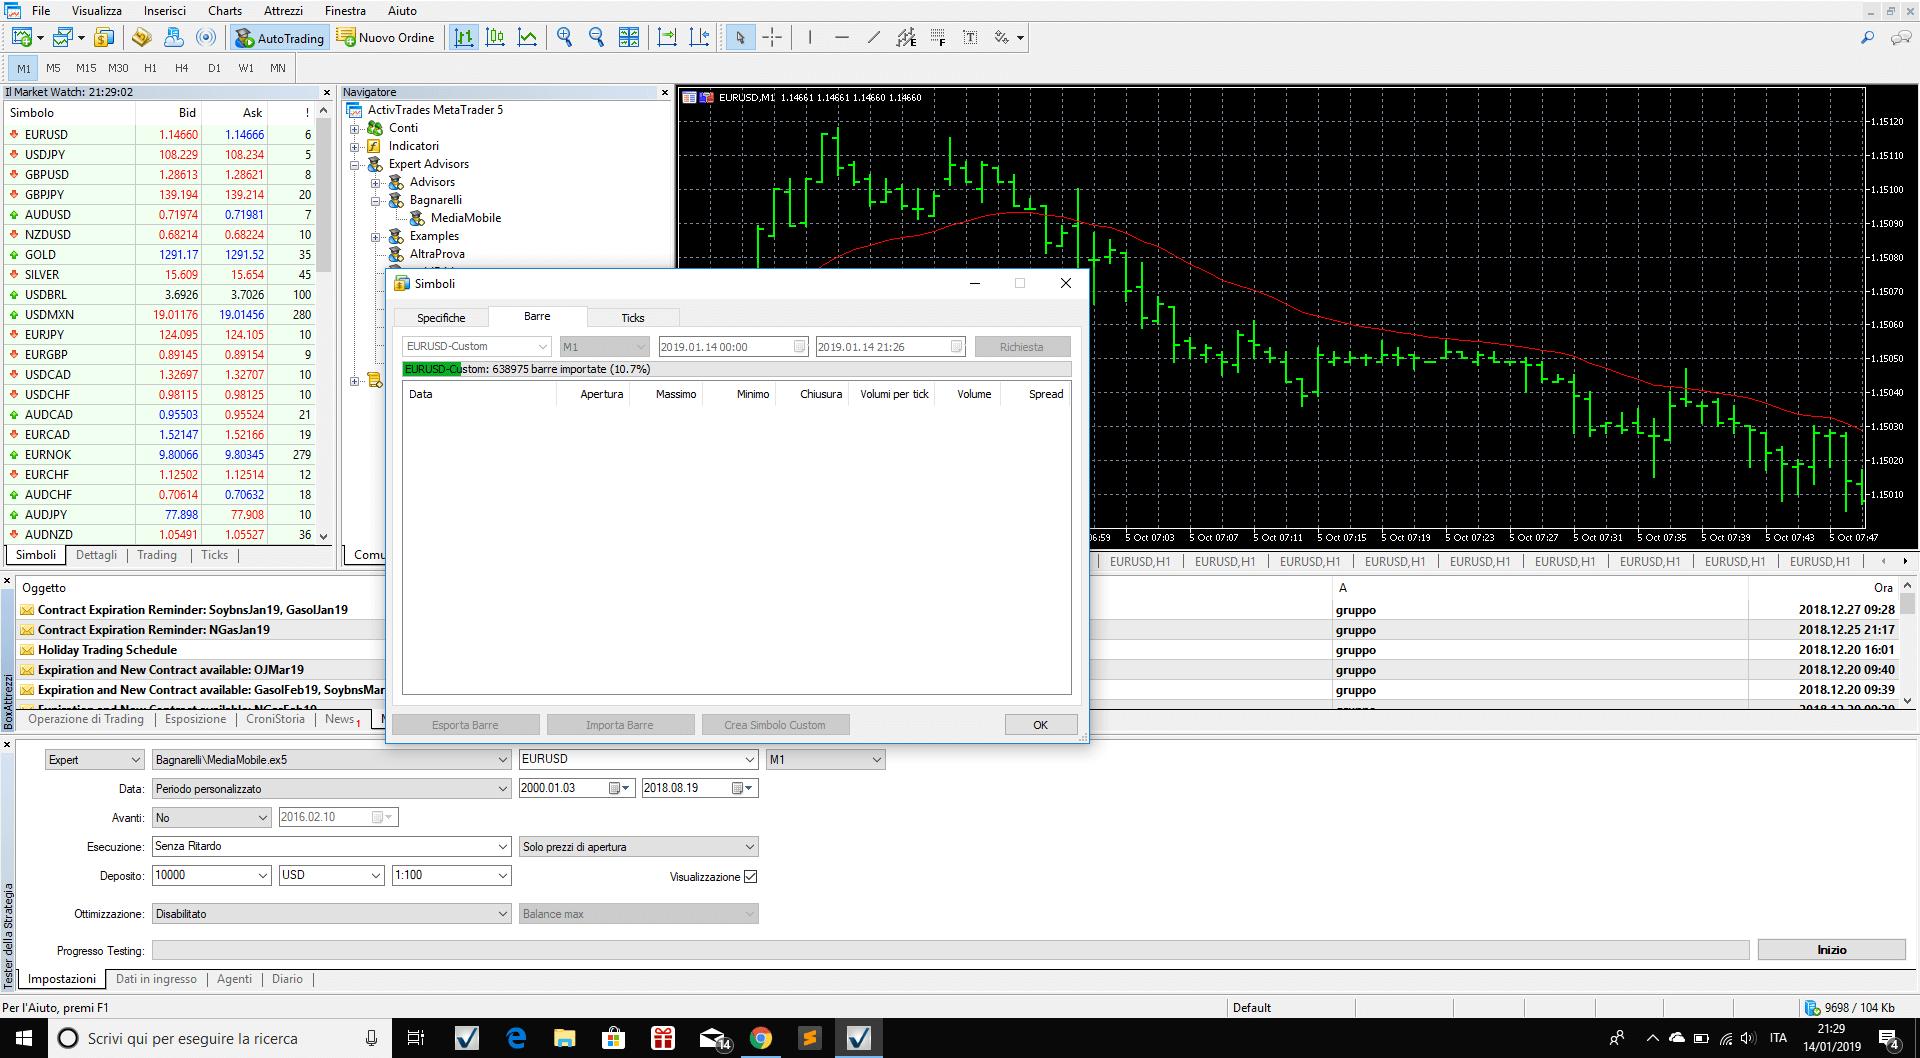 Data loading in MT5